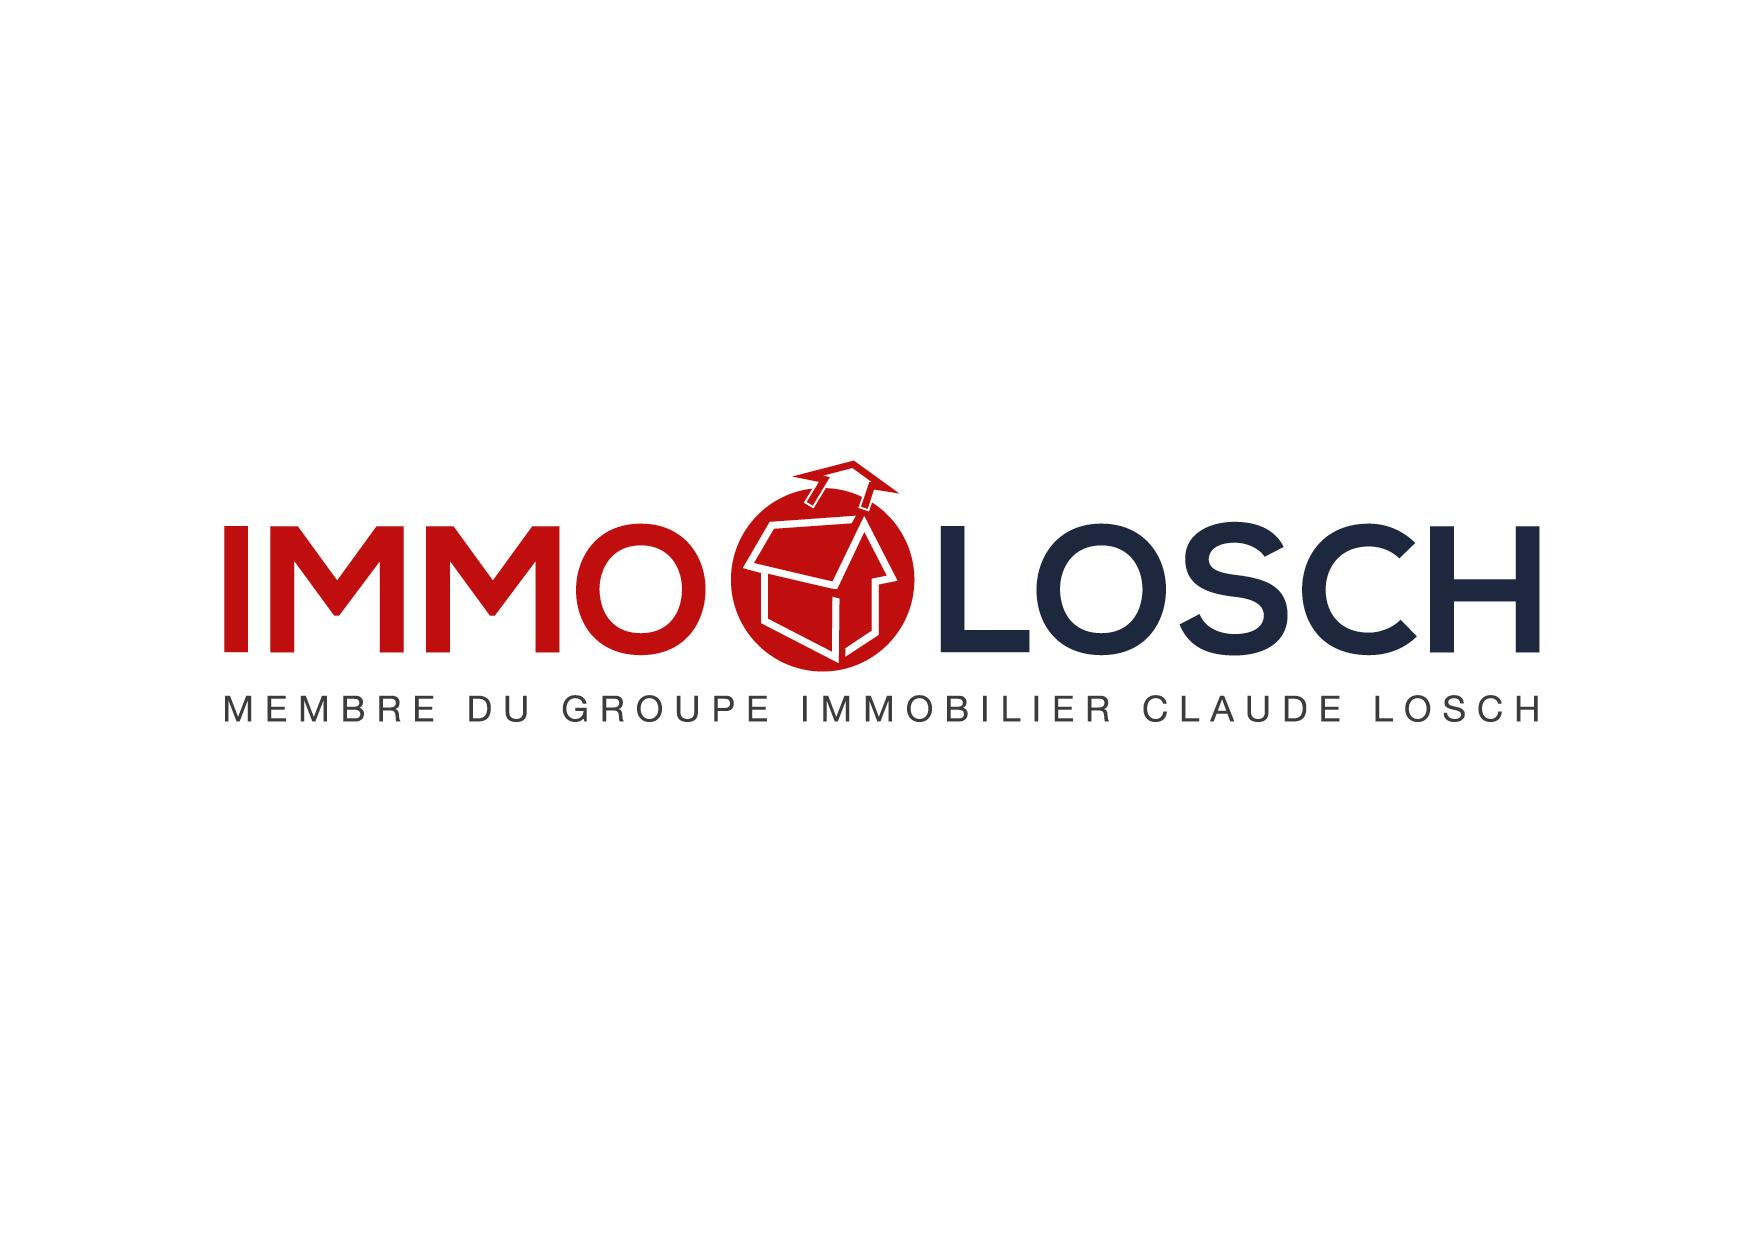 Immo Losch  neien Sponsor beim AB Contern  Merci fir ären Support